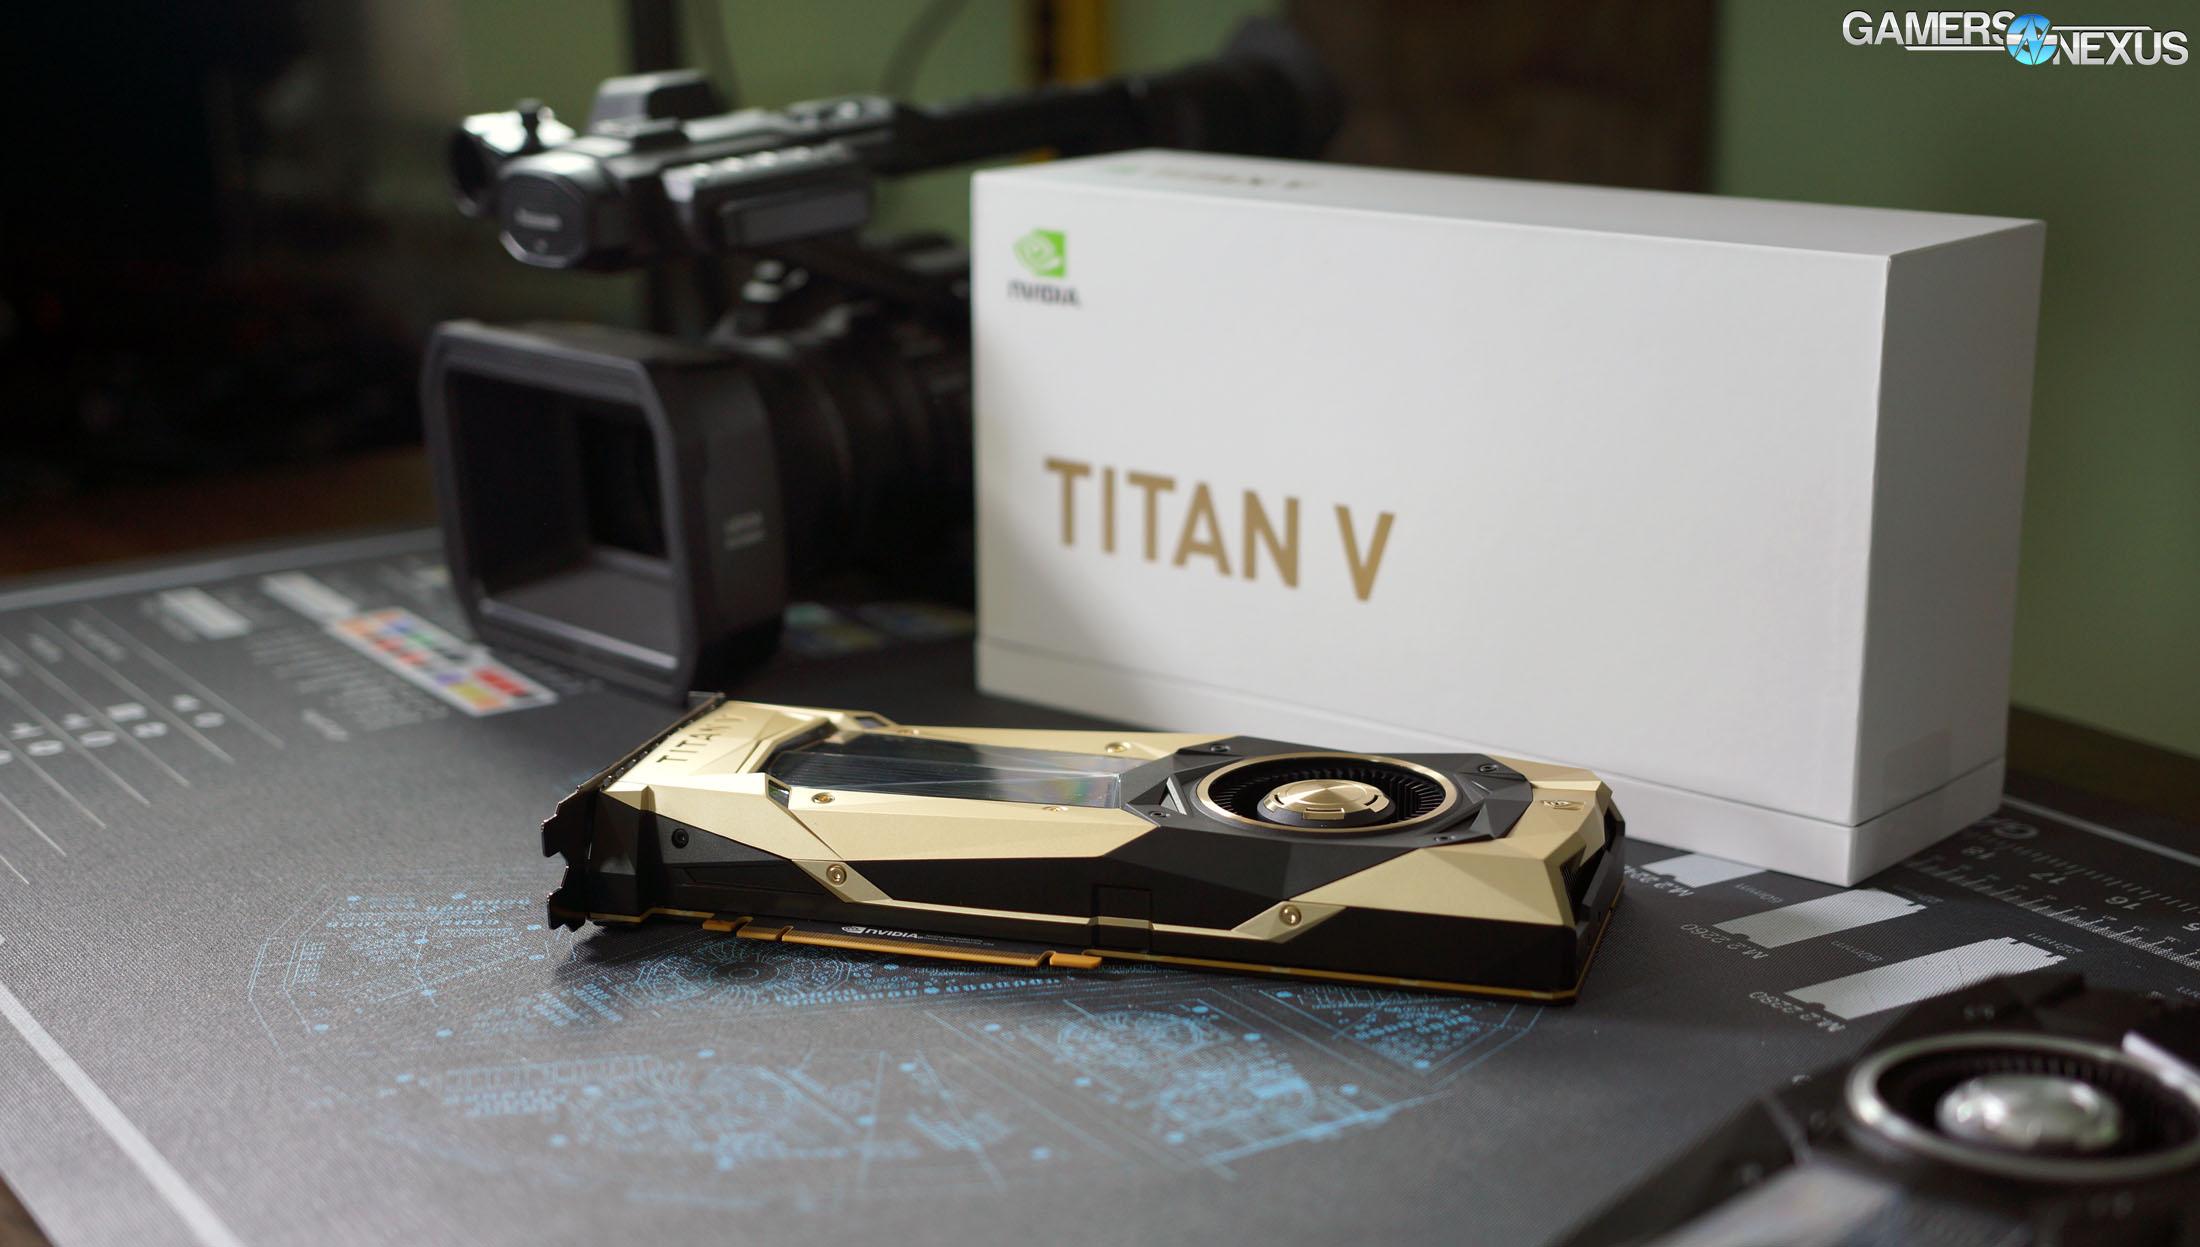 Titan V - Benchmark